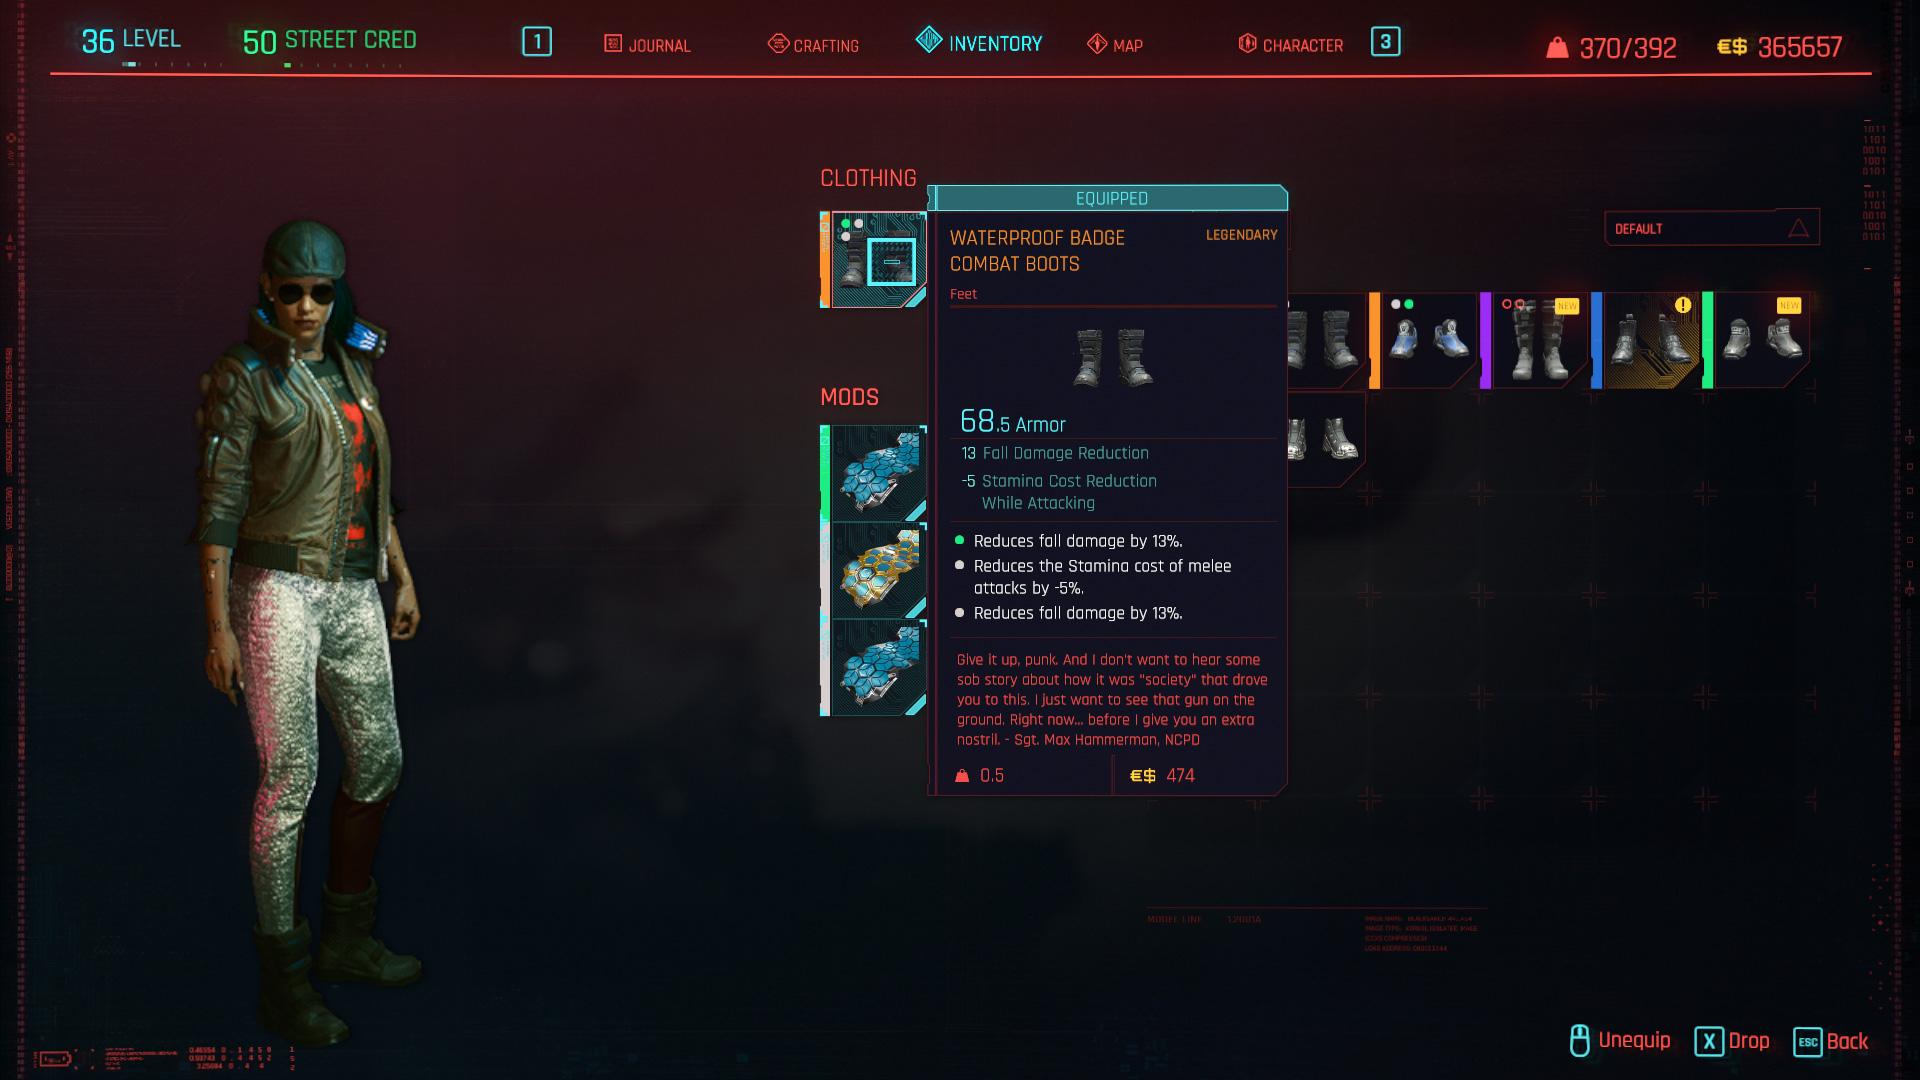 Tous les vêtements légendaires et emblématiques de Cyberpunk 2077 - Bottes de combat imperméables avec badge